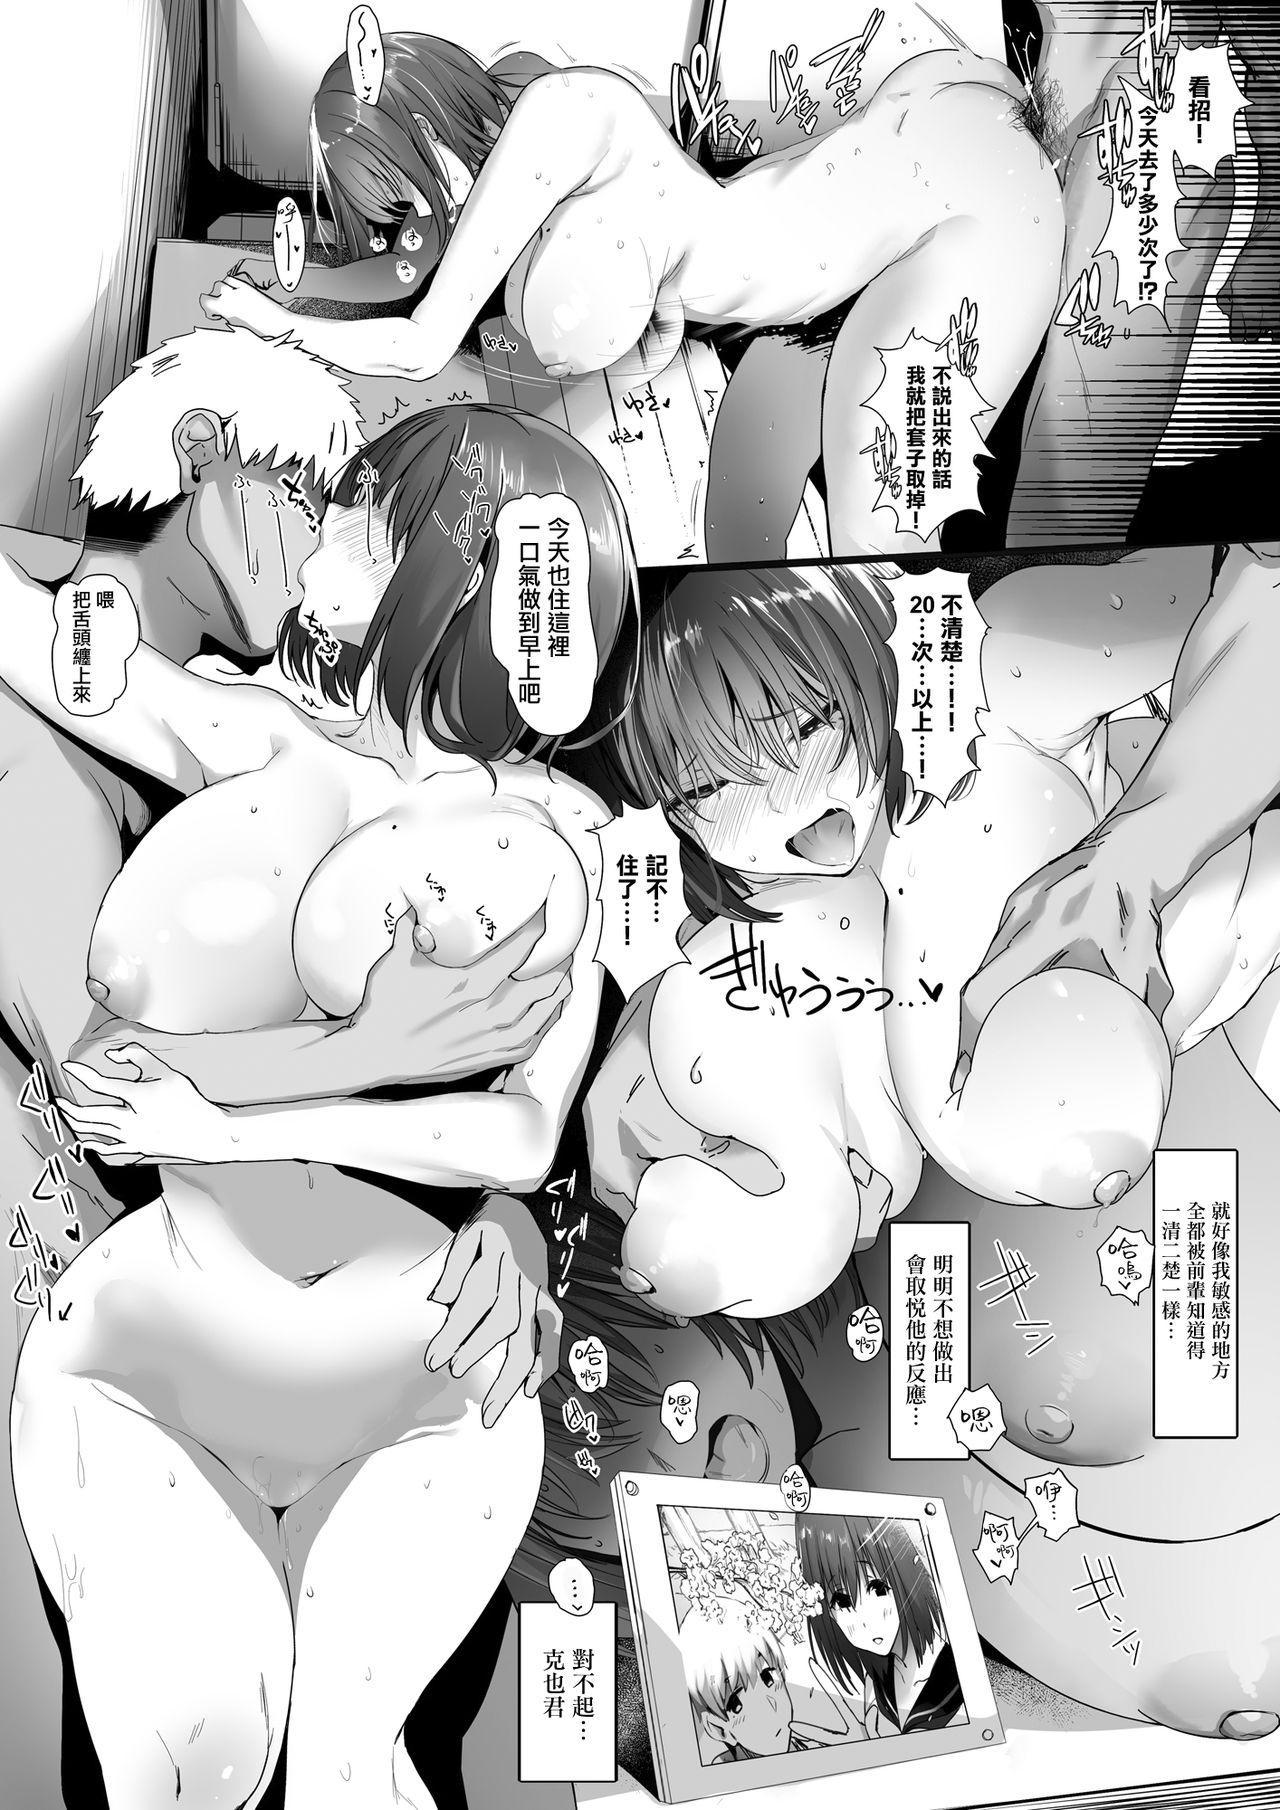 Koushinchou Volley-bu no Seisokei Kanojo ga Senpai no Mono ni Natte Shimau Ichibushijuu | 排球部的高個子清純系女友變成前輩的所有物的事情始末 26